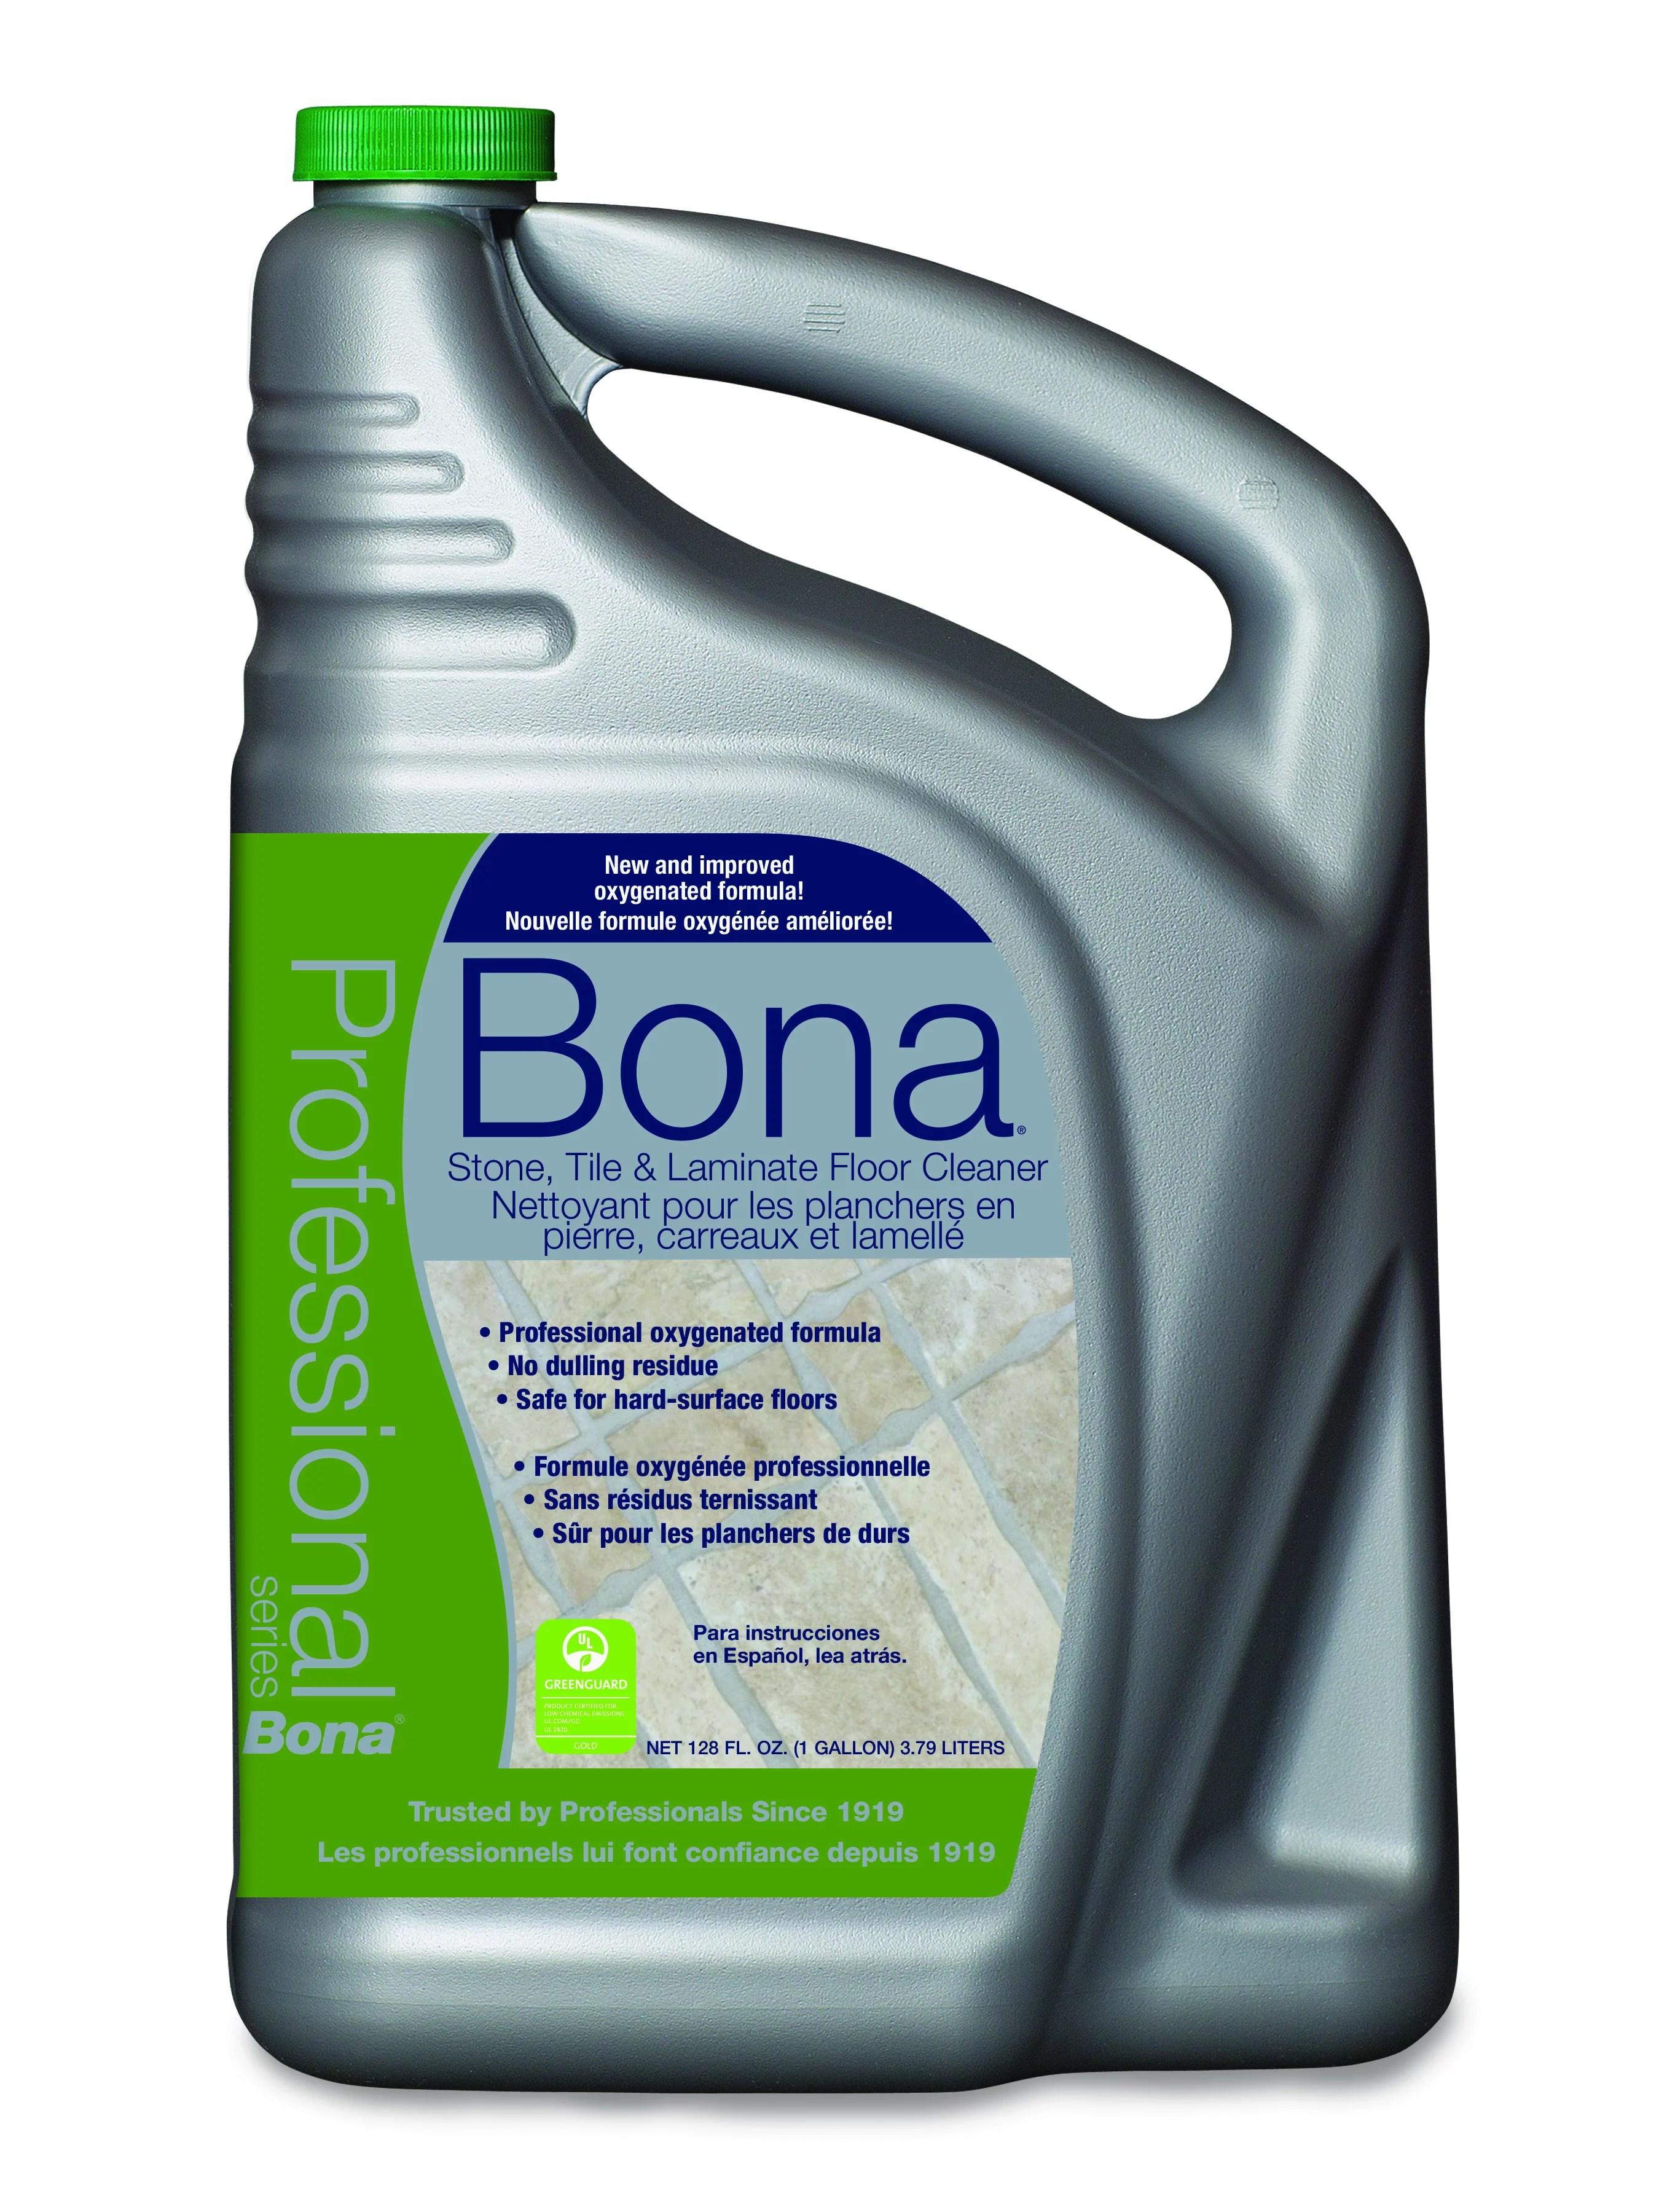 bona pro series stone tile laminate floor cleaner 1 gal refill bottle walmart com